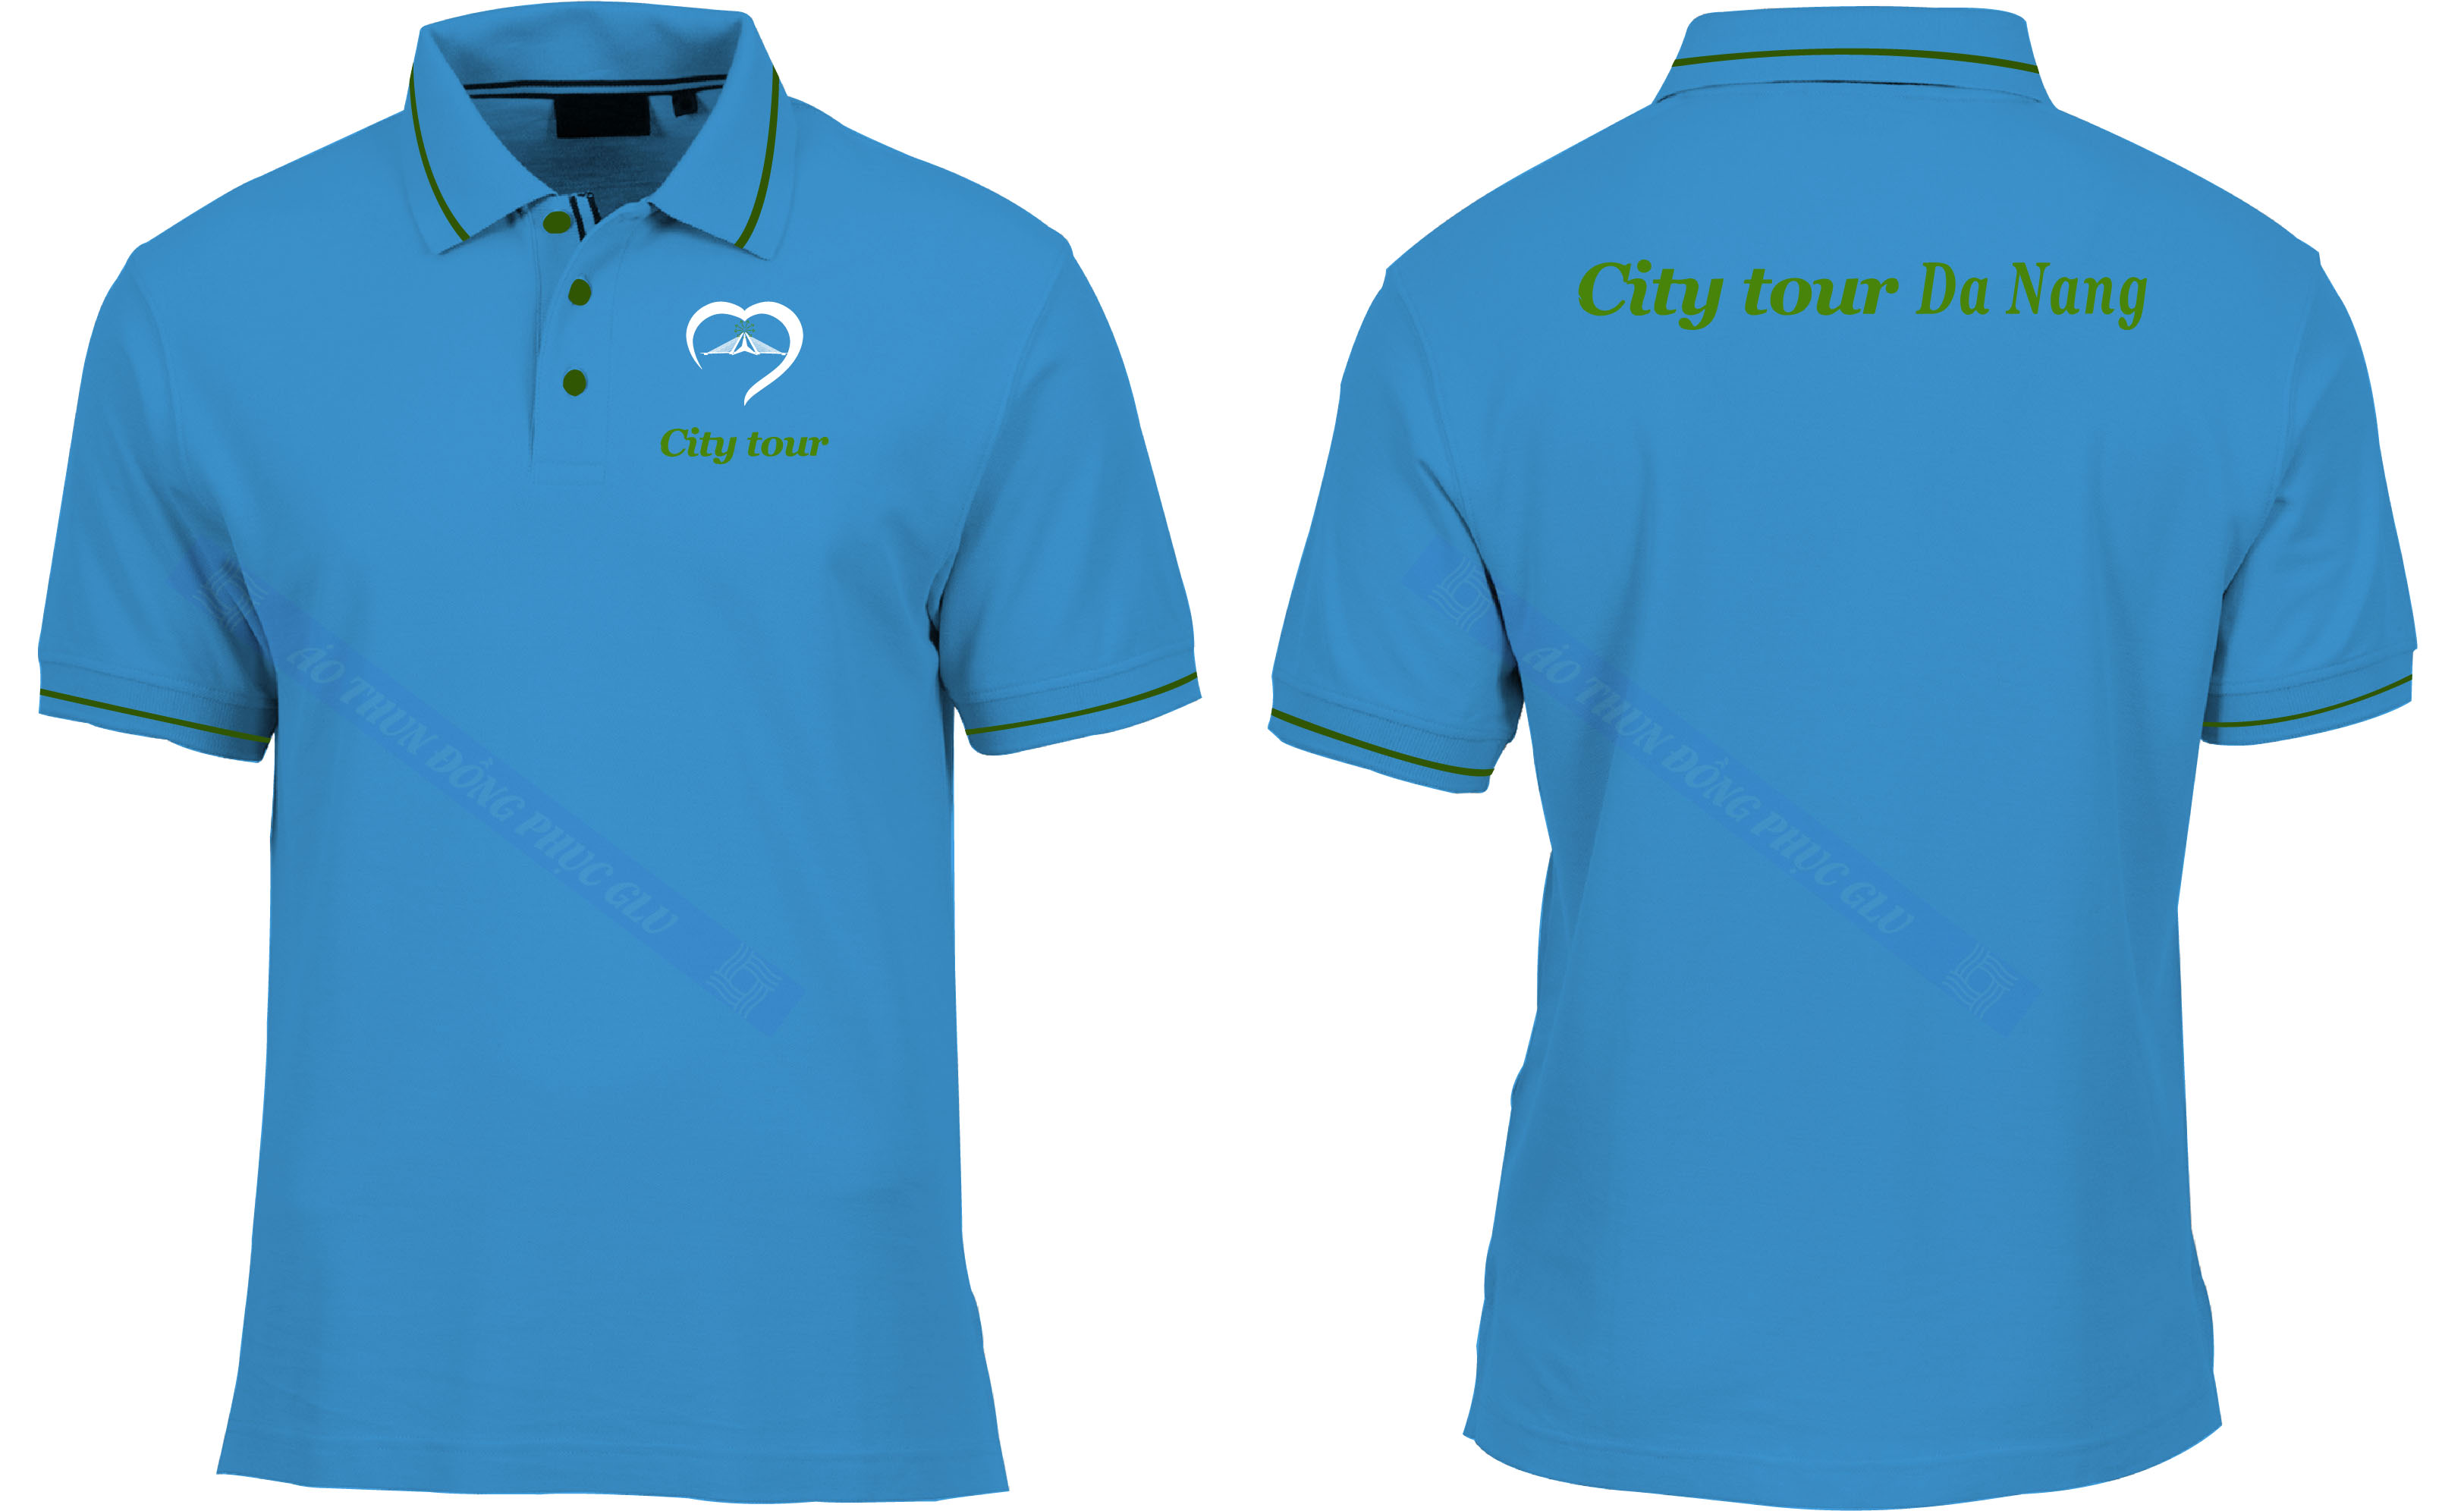 AO THUN CITY TOUR DANANG áo thun đồng phục đẹp